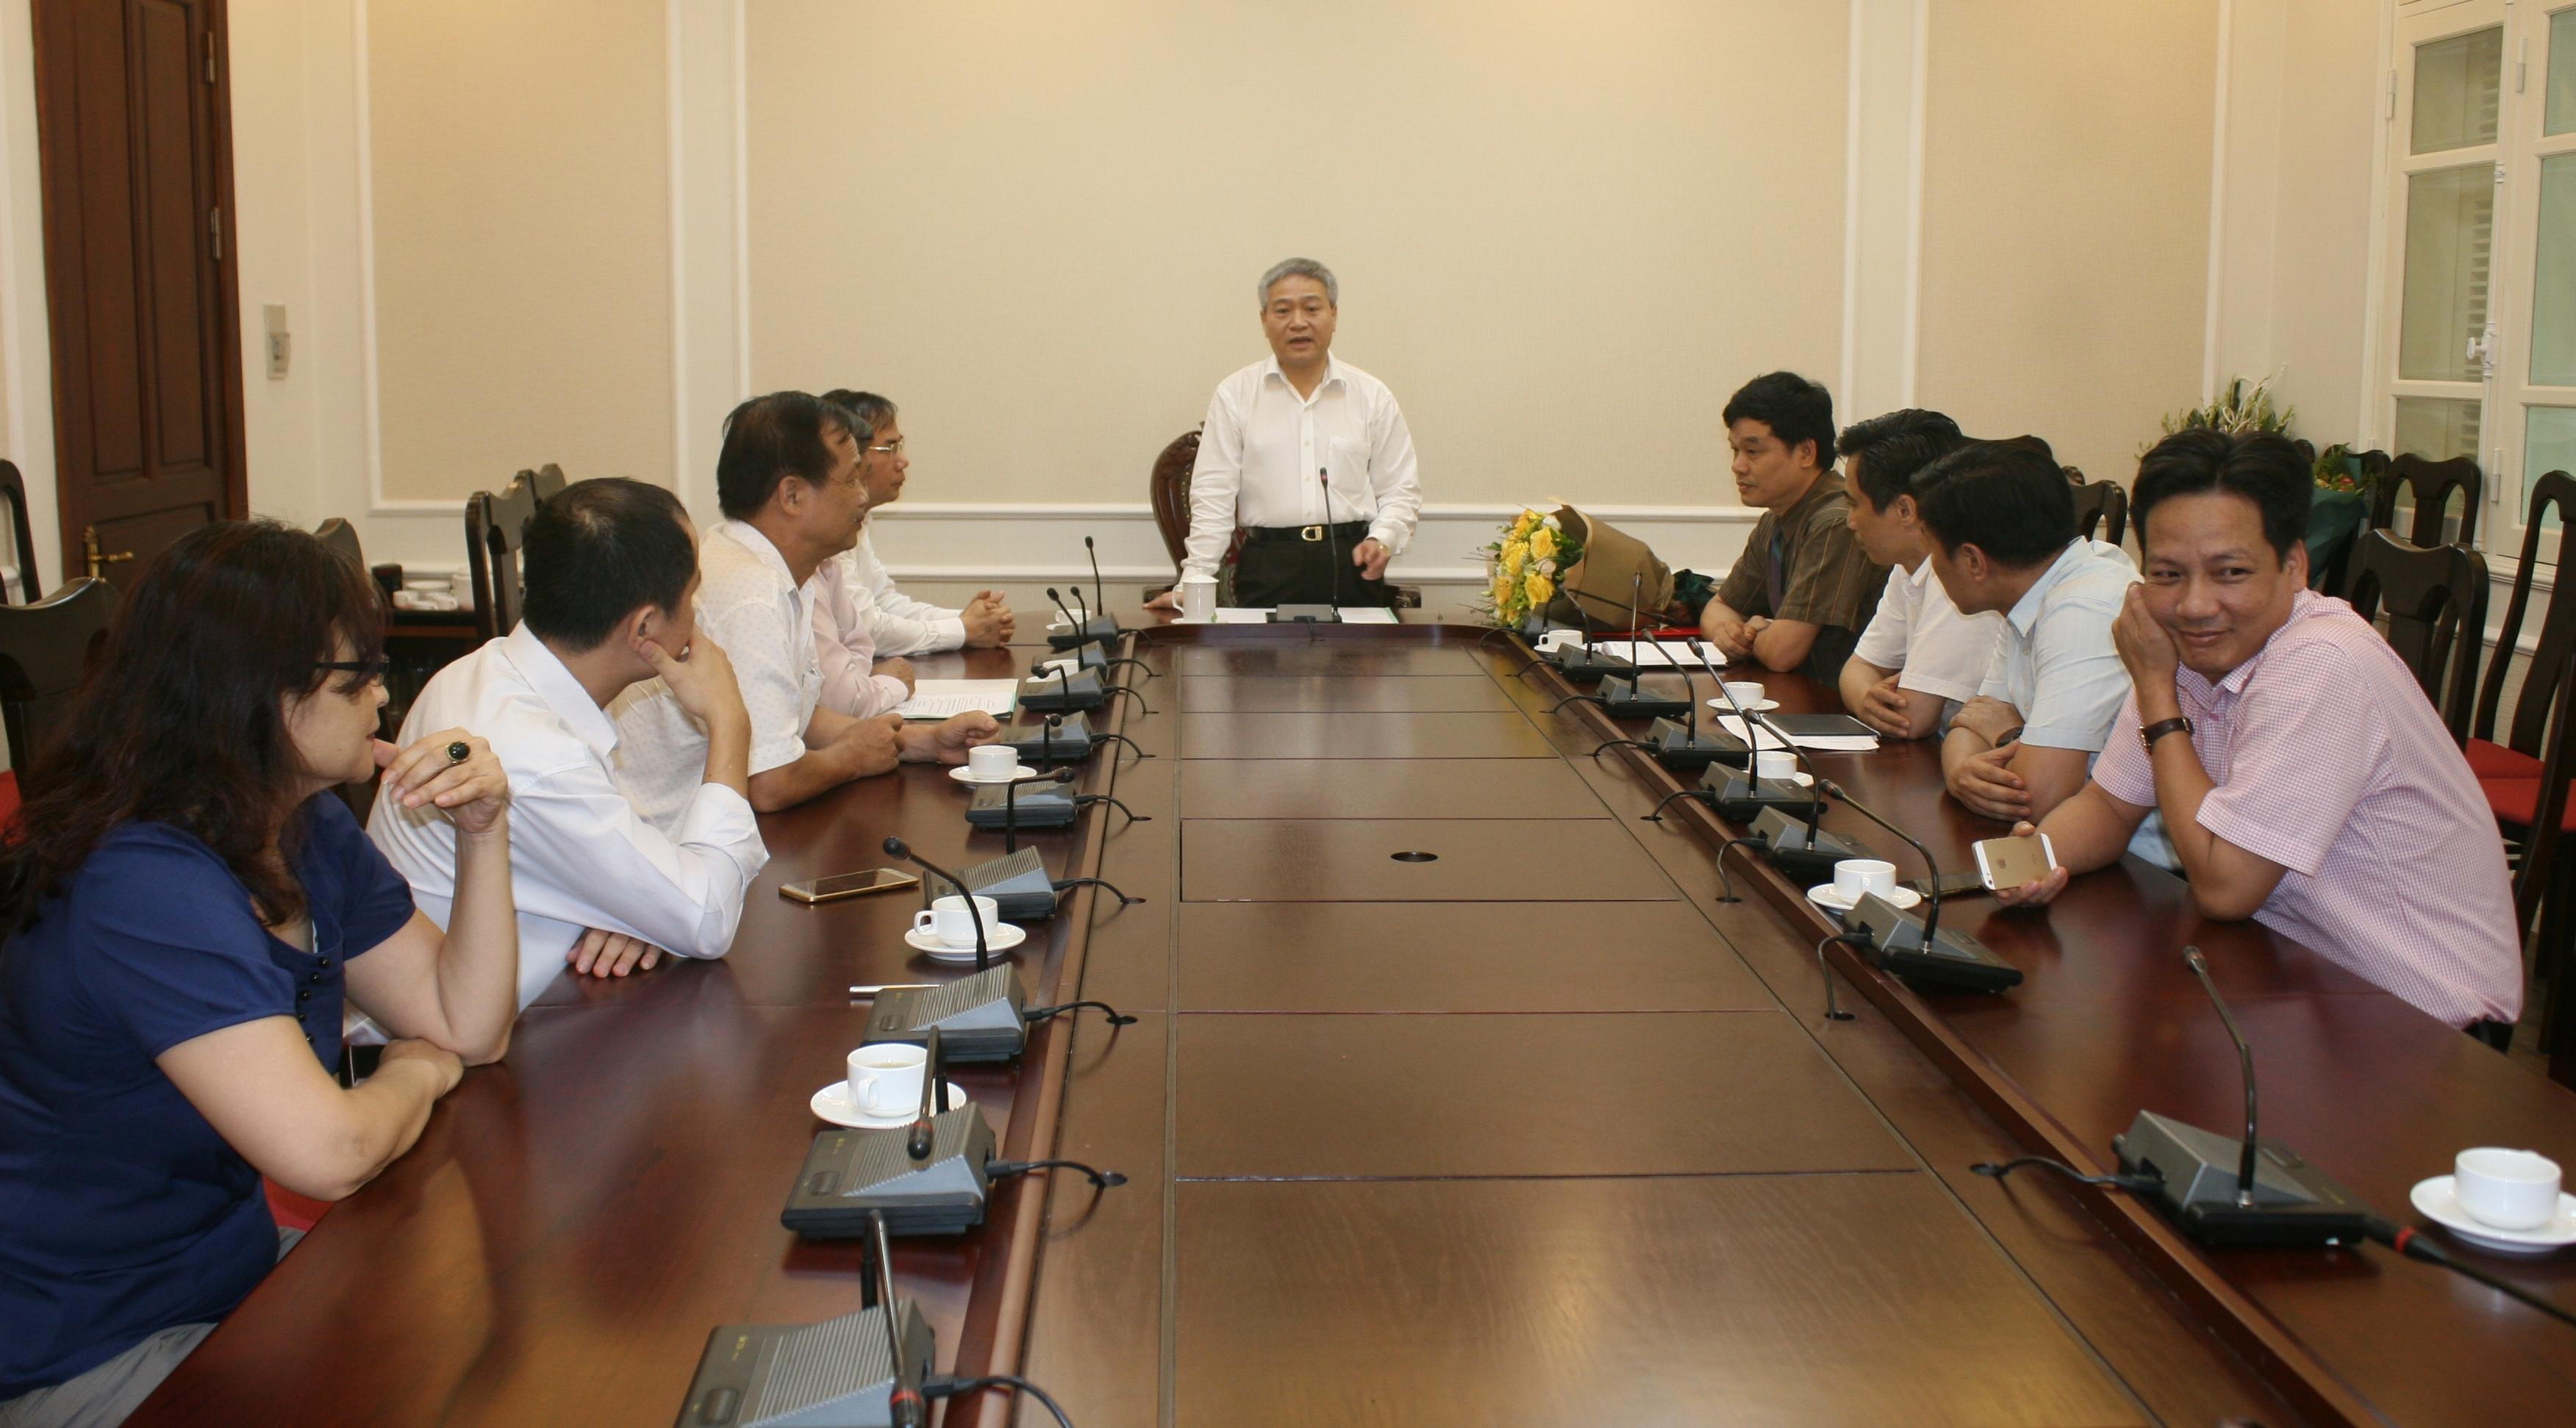 Thứ trưởng Bộ Xây dựng Bùi Phạm Khánh phát biểu và chỉ đạo tại lễ bổ nhiệm cho tân Vụ trưởng Vụ Vật liệu xây dựng.